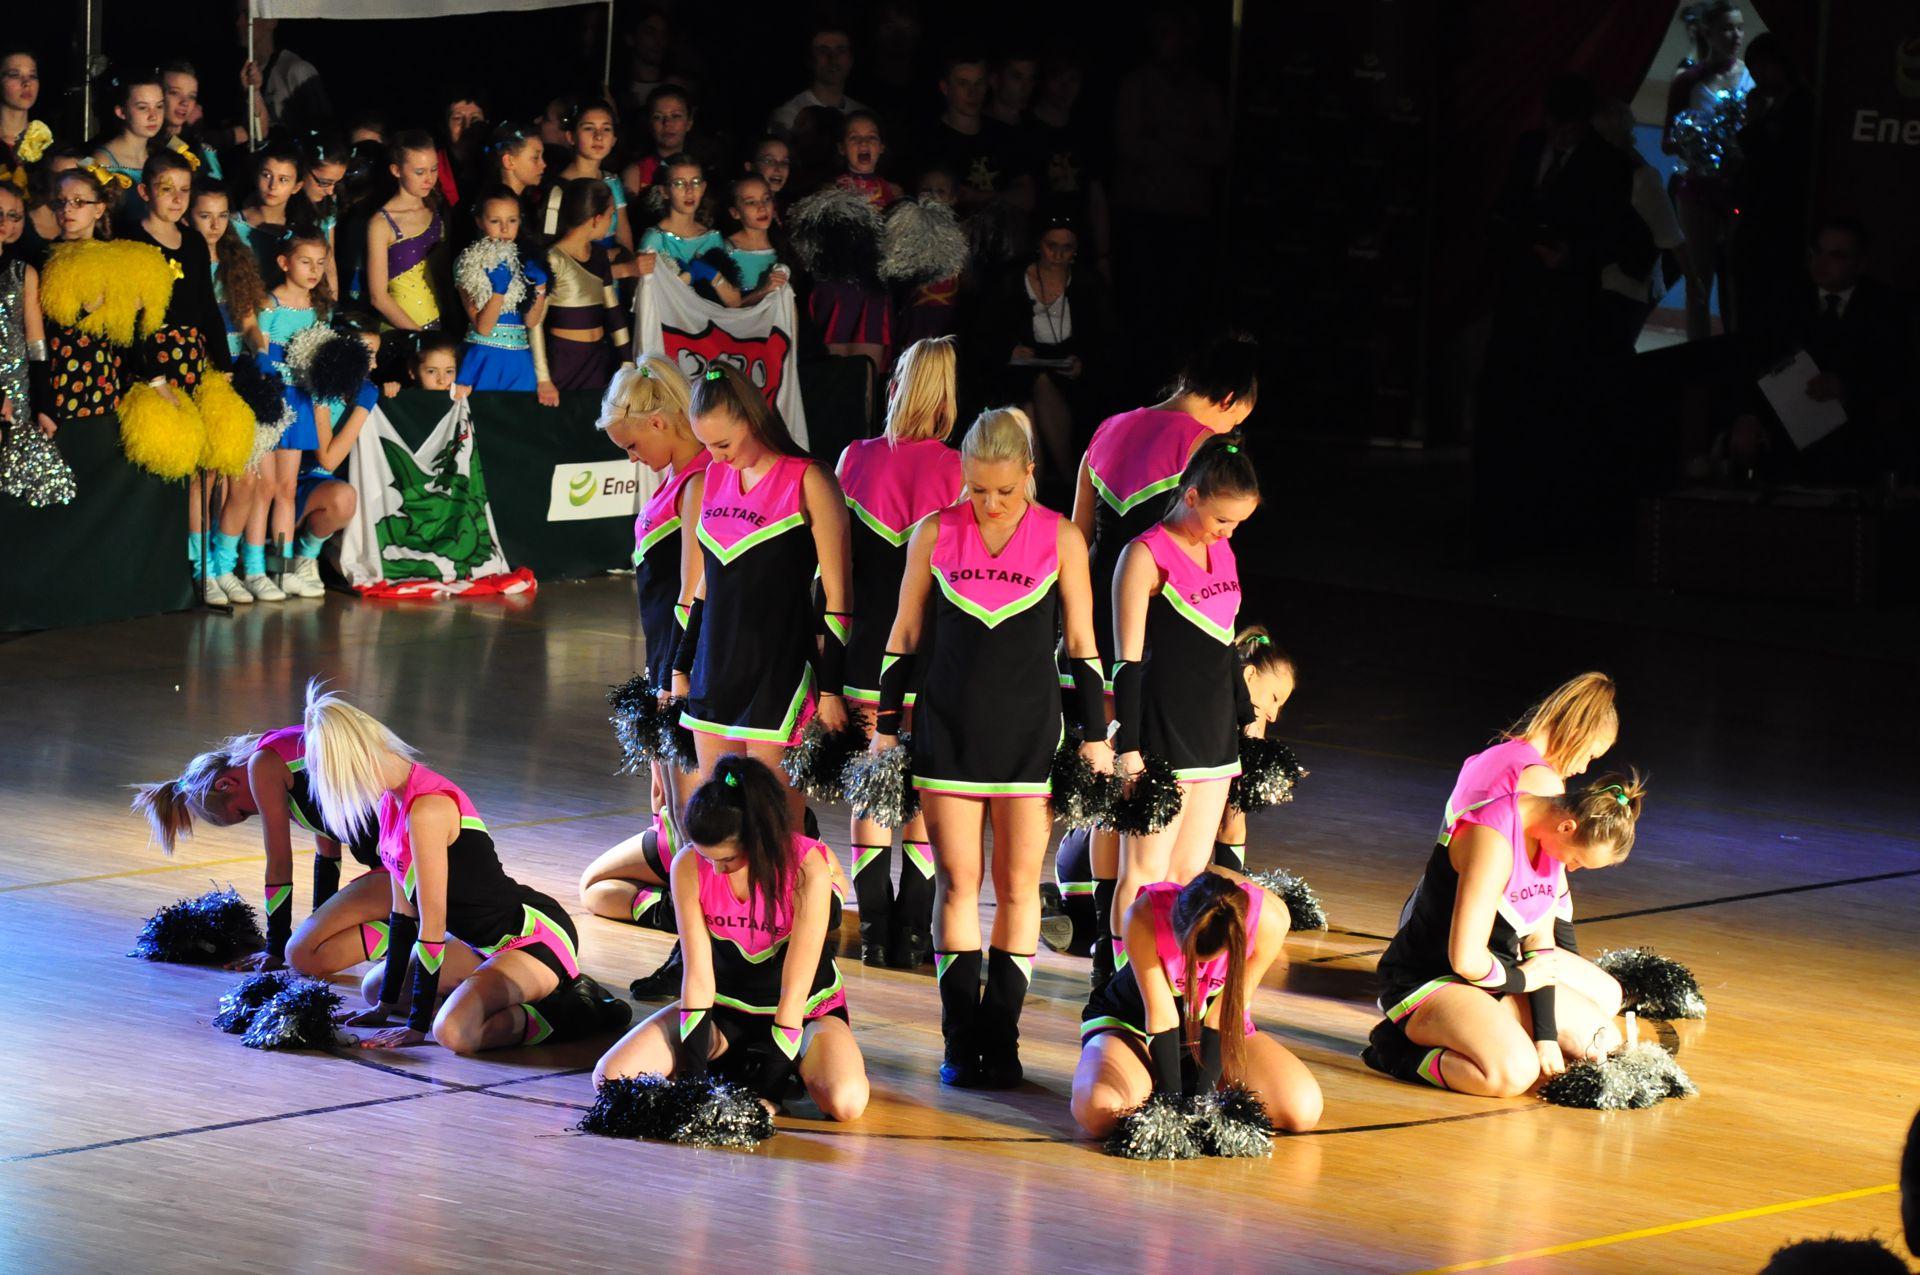 XV Mistrzostwa Polski Cheerleaders - Jezierzyce 2012